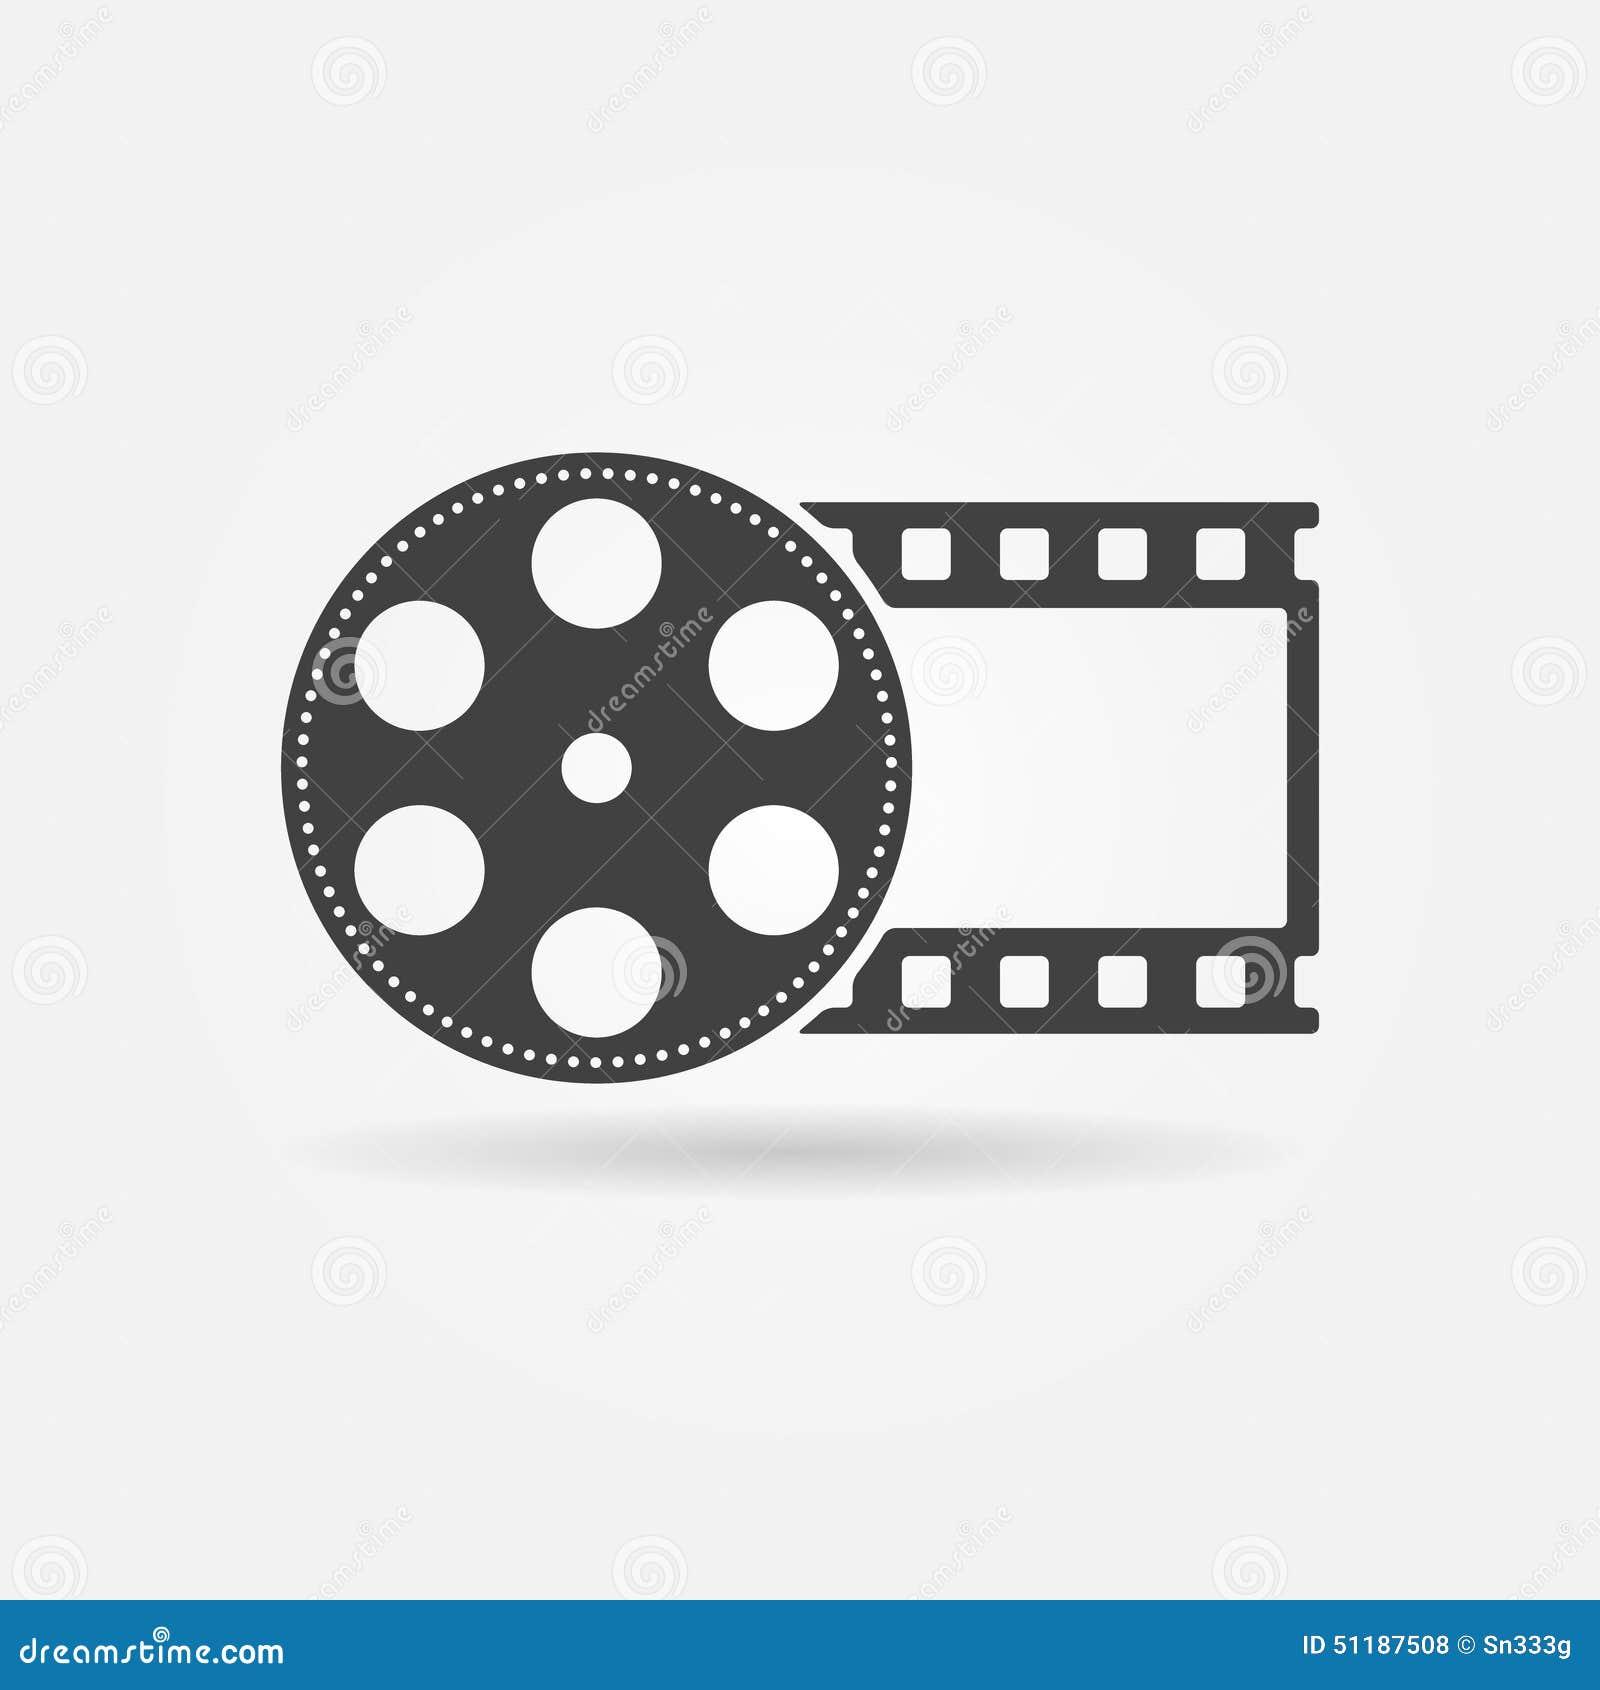 black film roll logo or icon stock vector illustration Lights Camera Clip Art Roll Clipa Art Camera